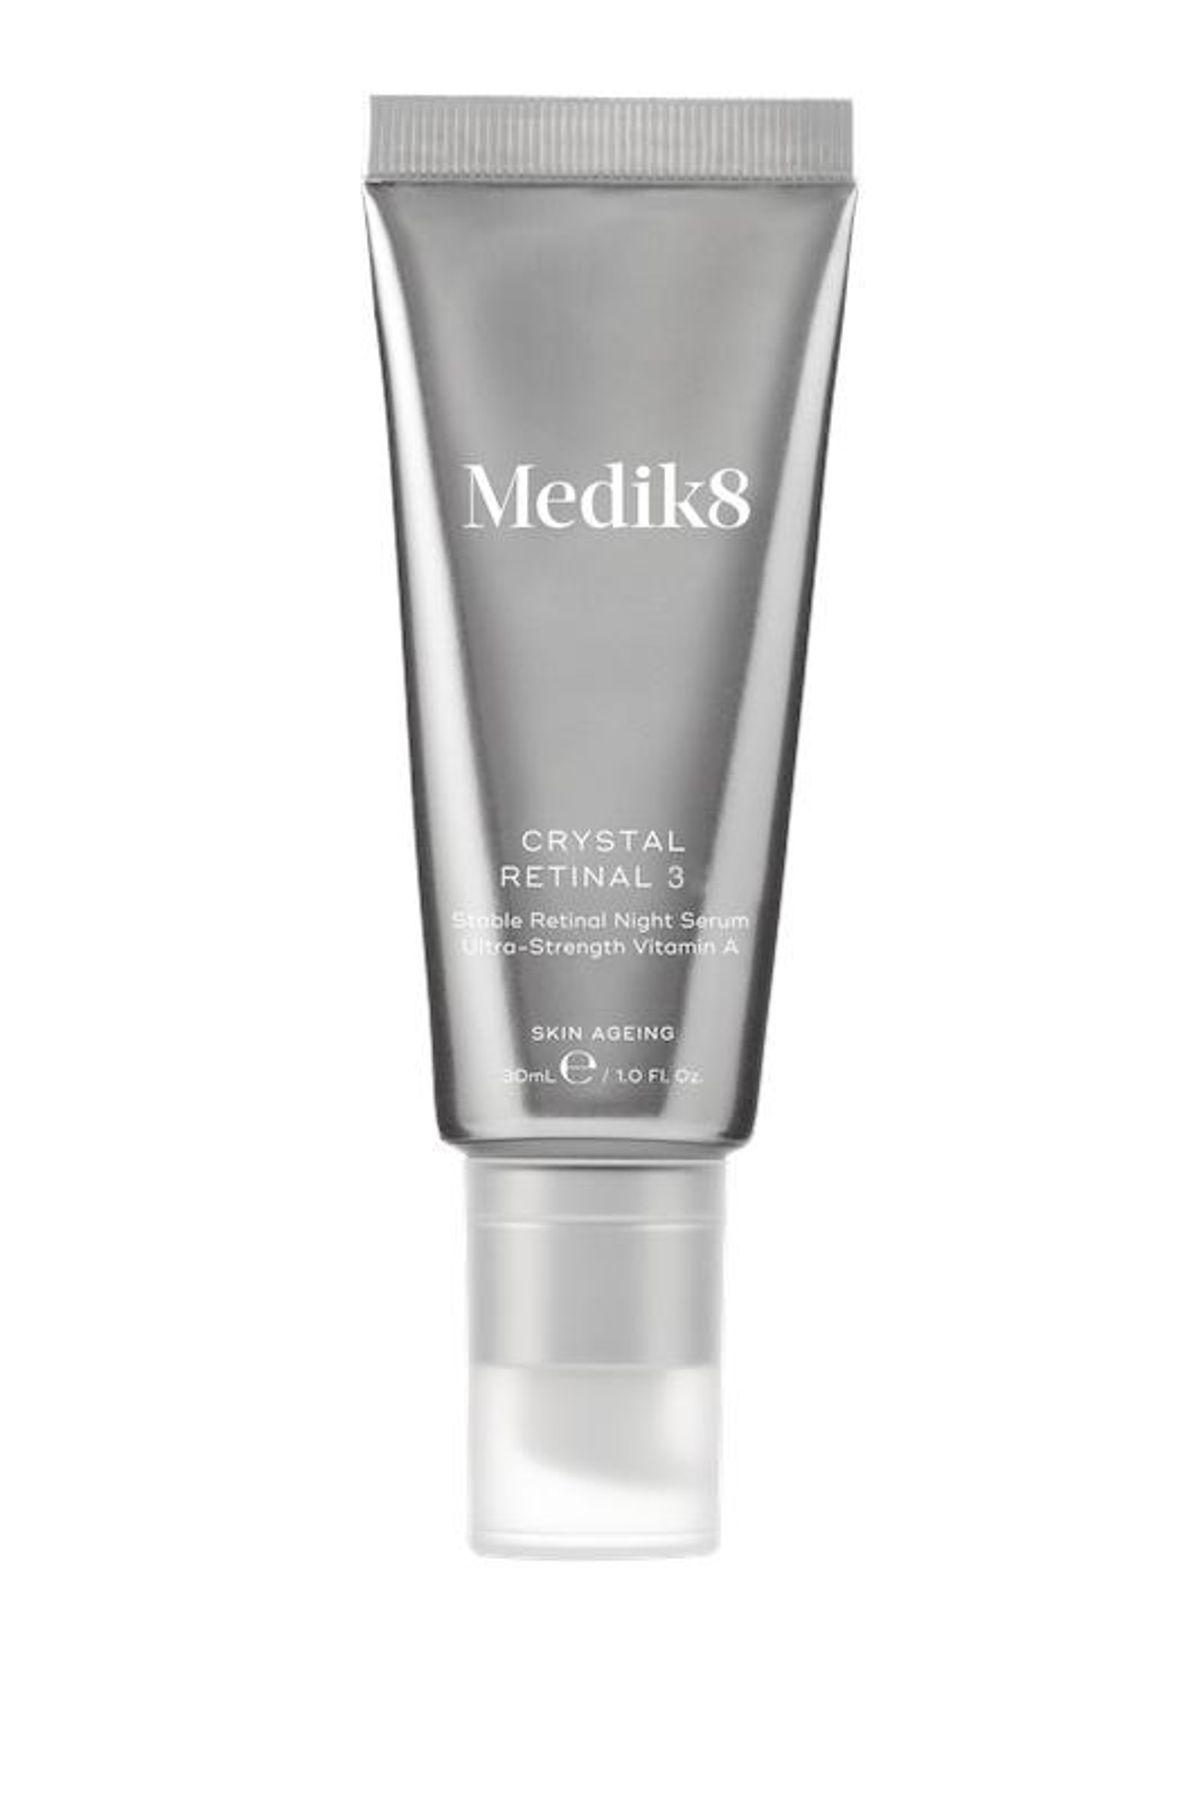 medik8 crystal retinal 3 stable retinal night serum